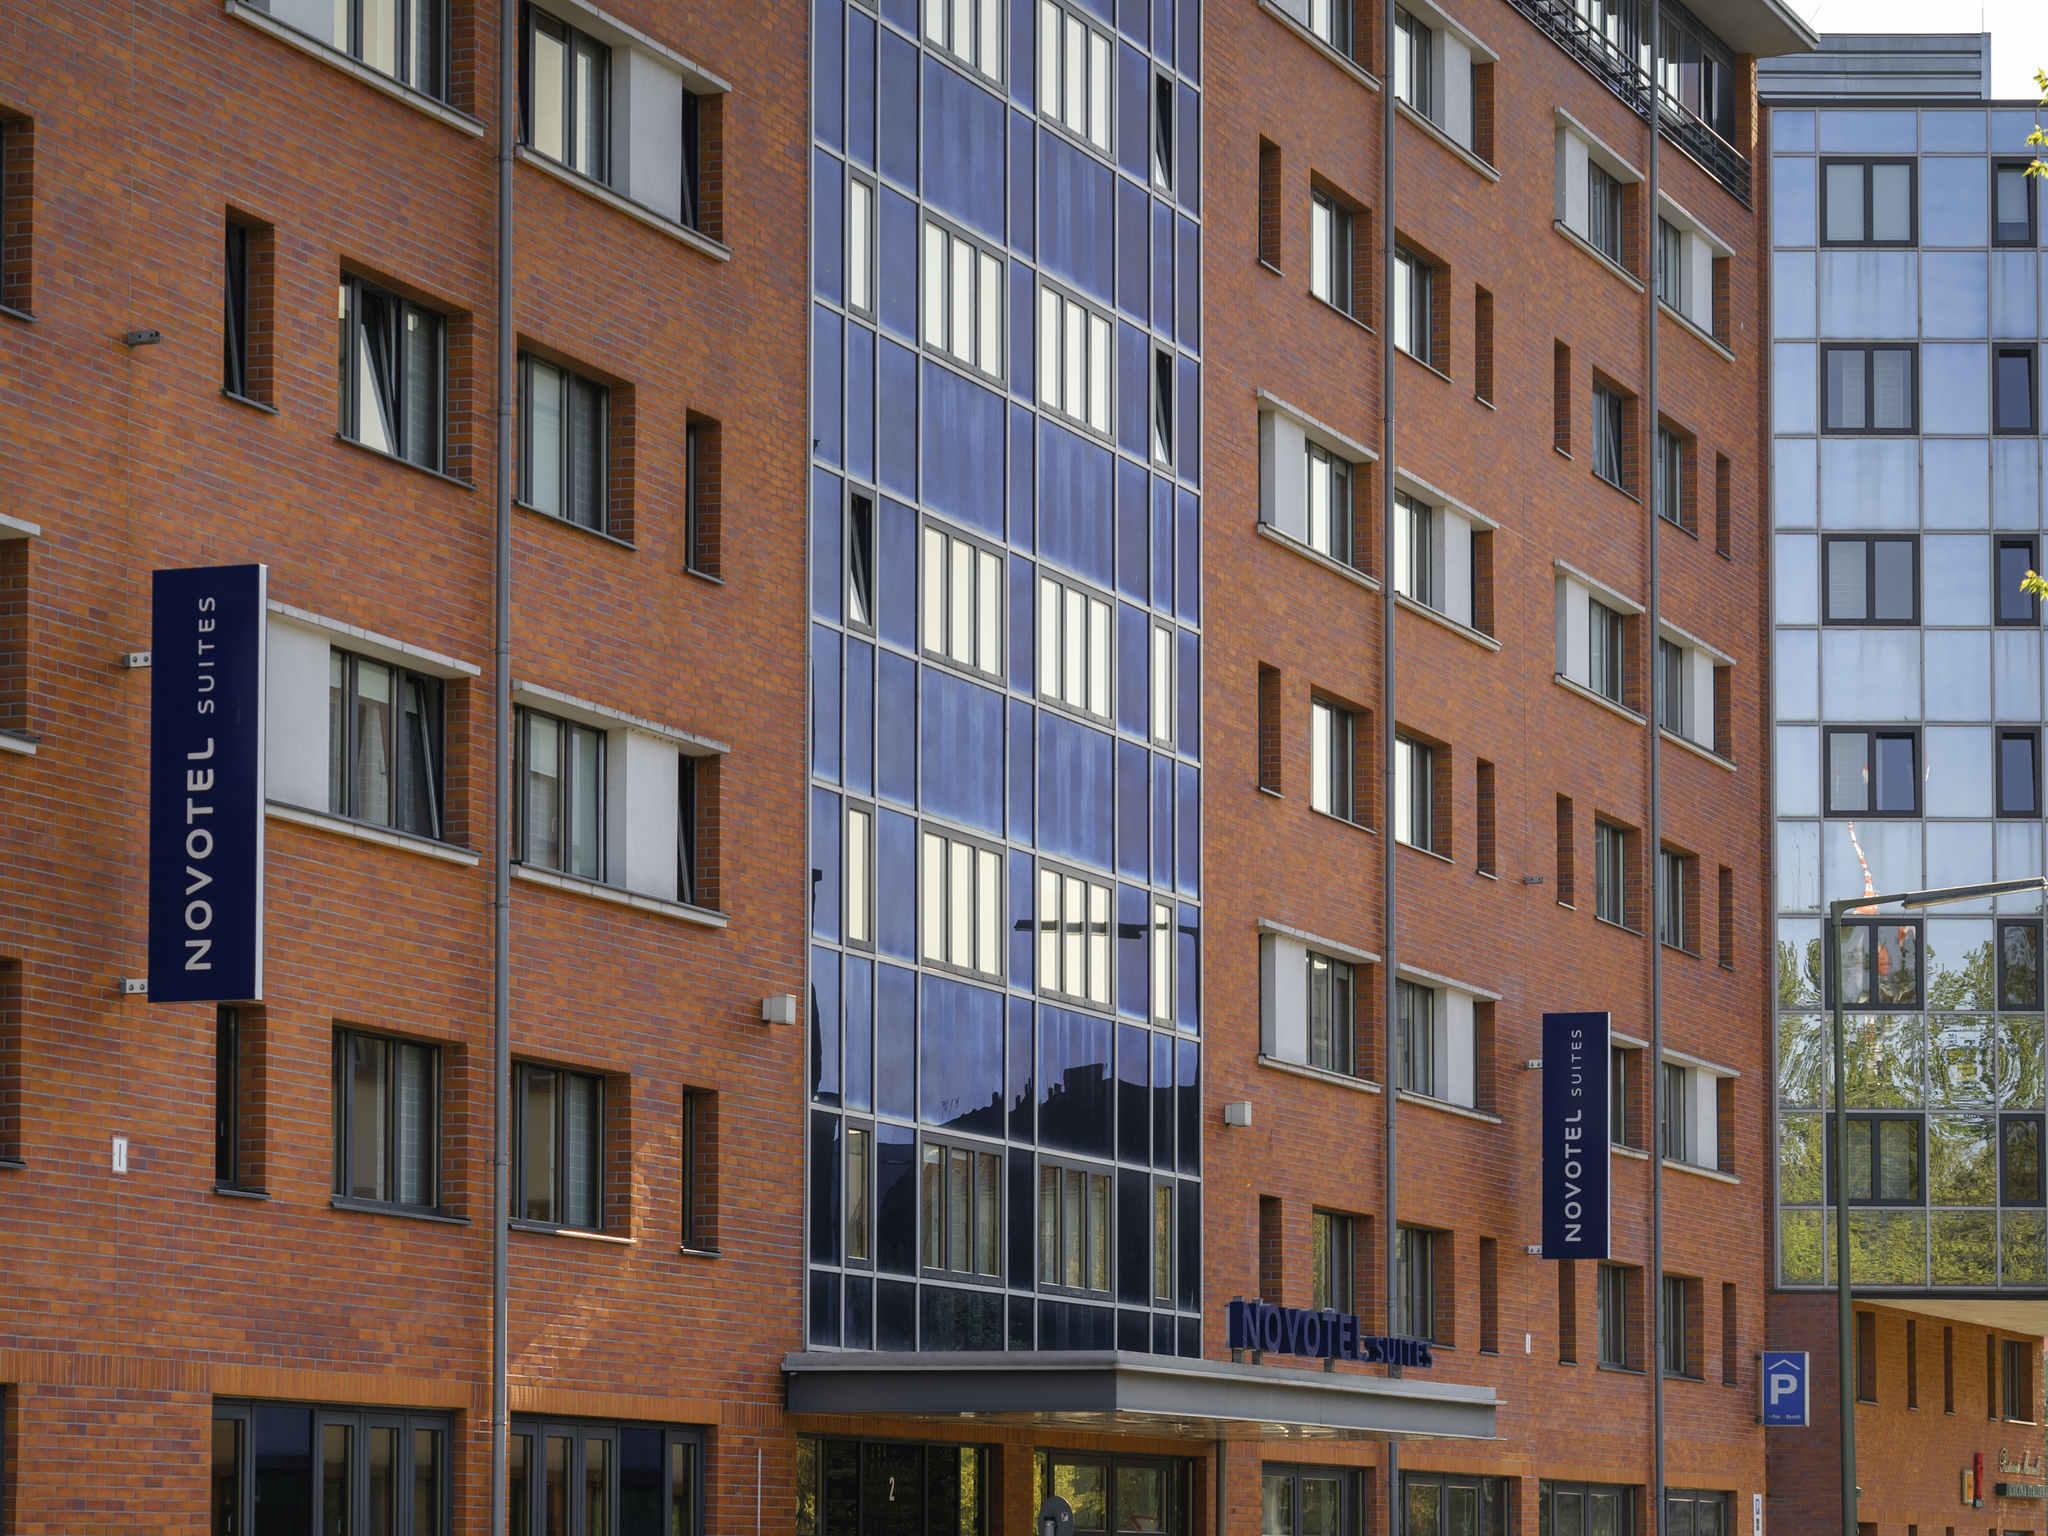 호텔 – 노보텔 스위트 베를린 시티 포츠다머 플라츠